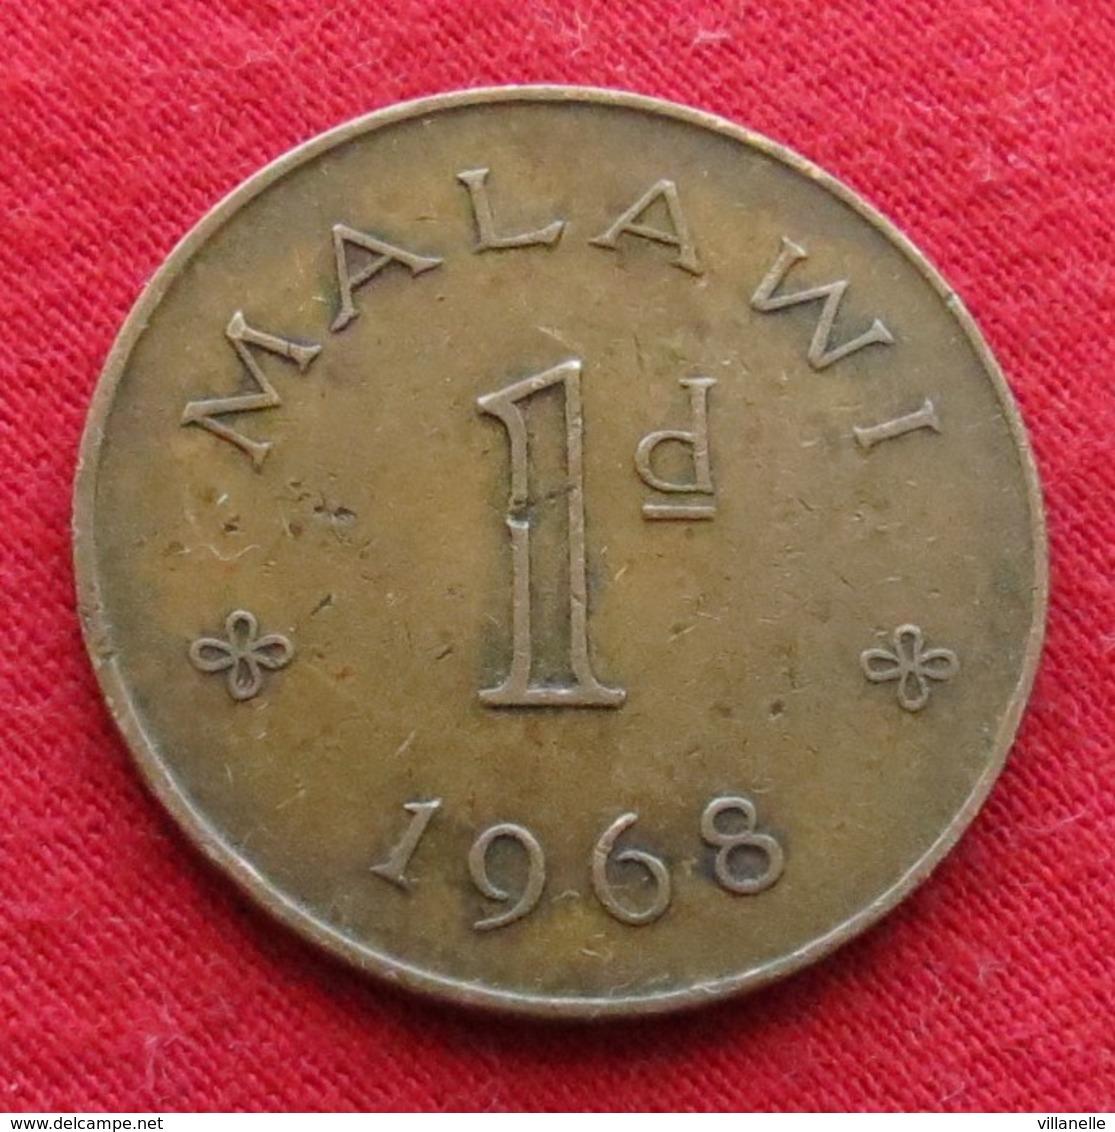 Malawi 1 Penny 1968 KM# 6 - Malawi